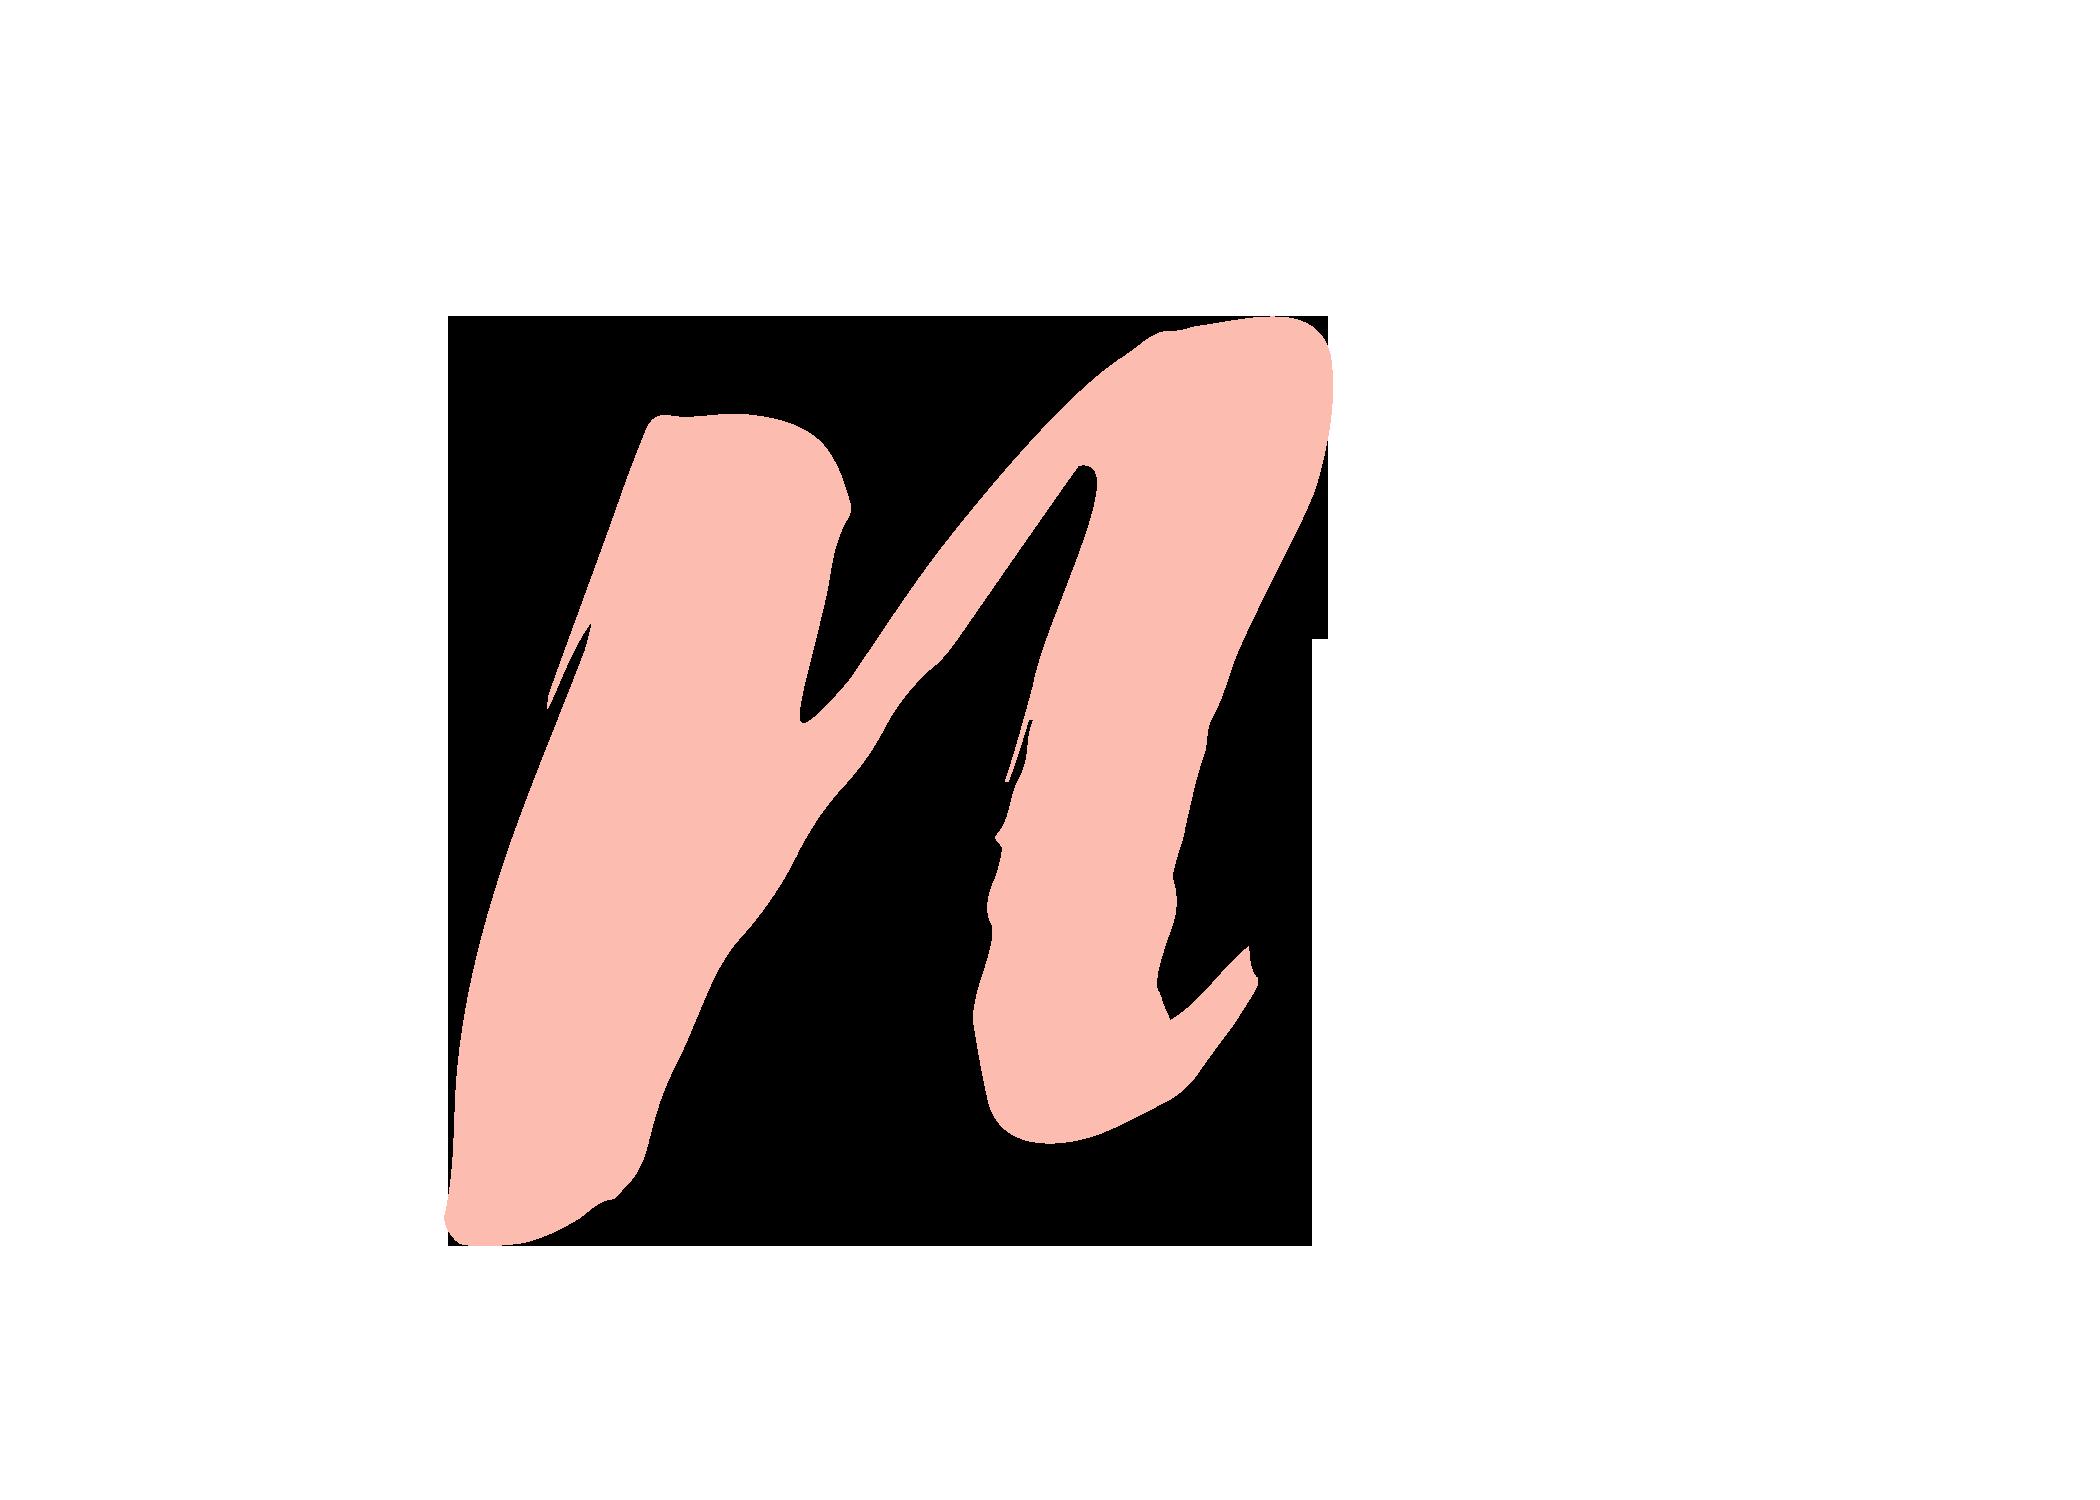 N.png